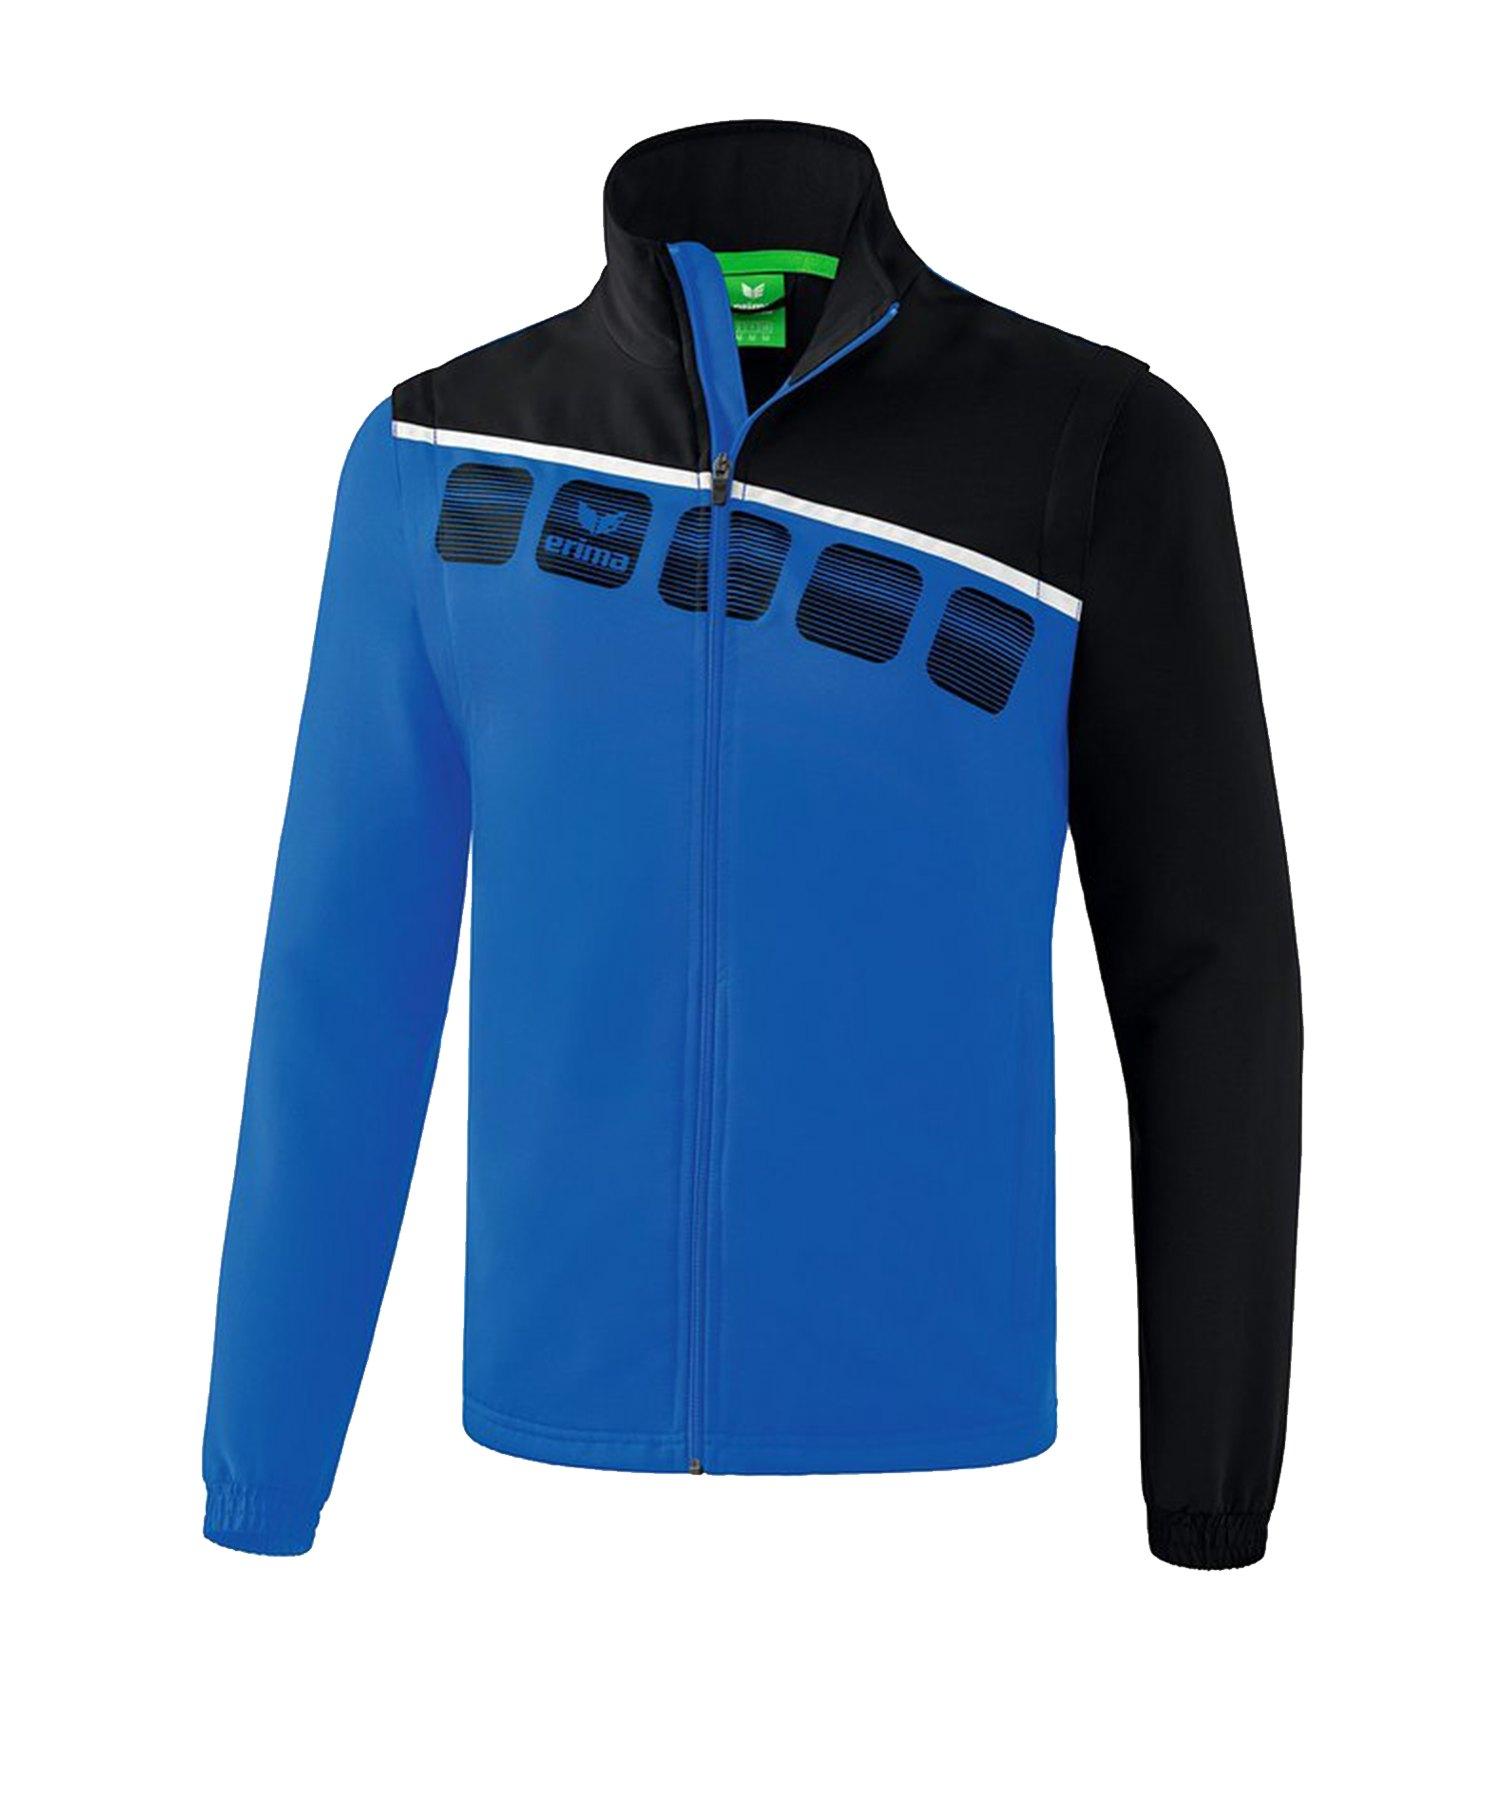 Erima 5-C Jacke m. abnehmbaren Ärmeln Blau Schwarz - Blau